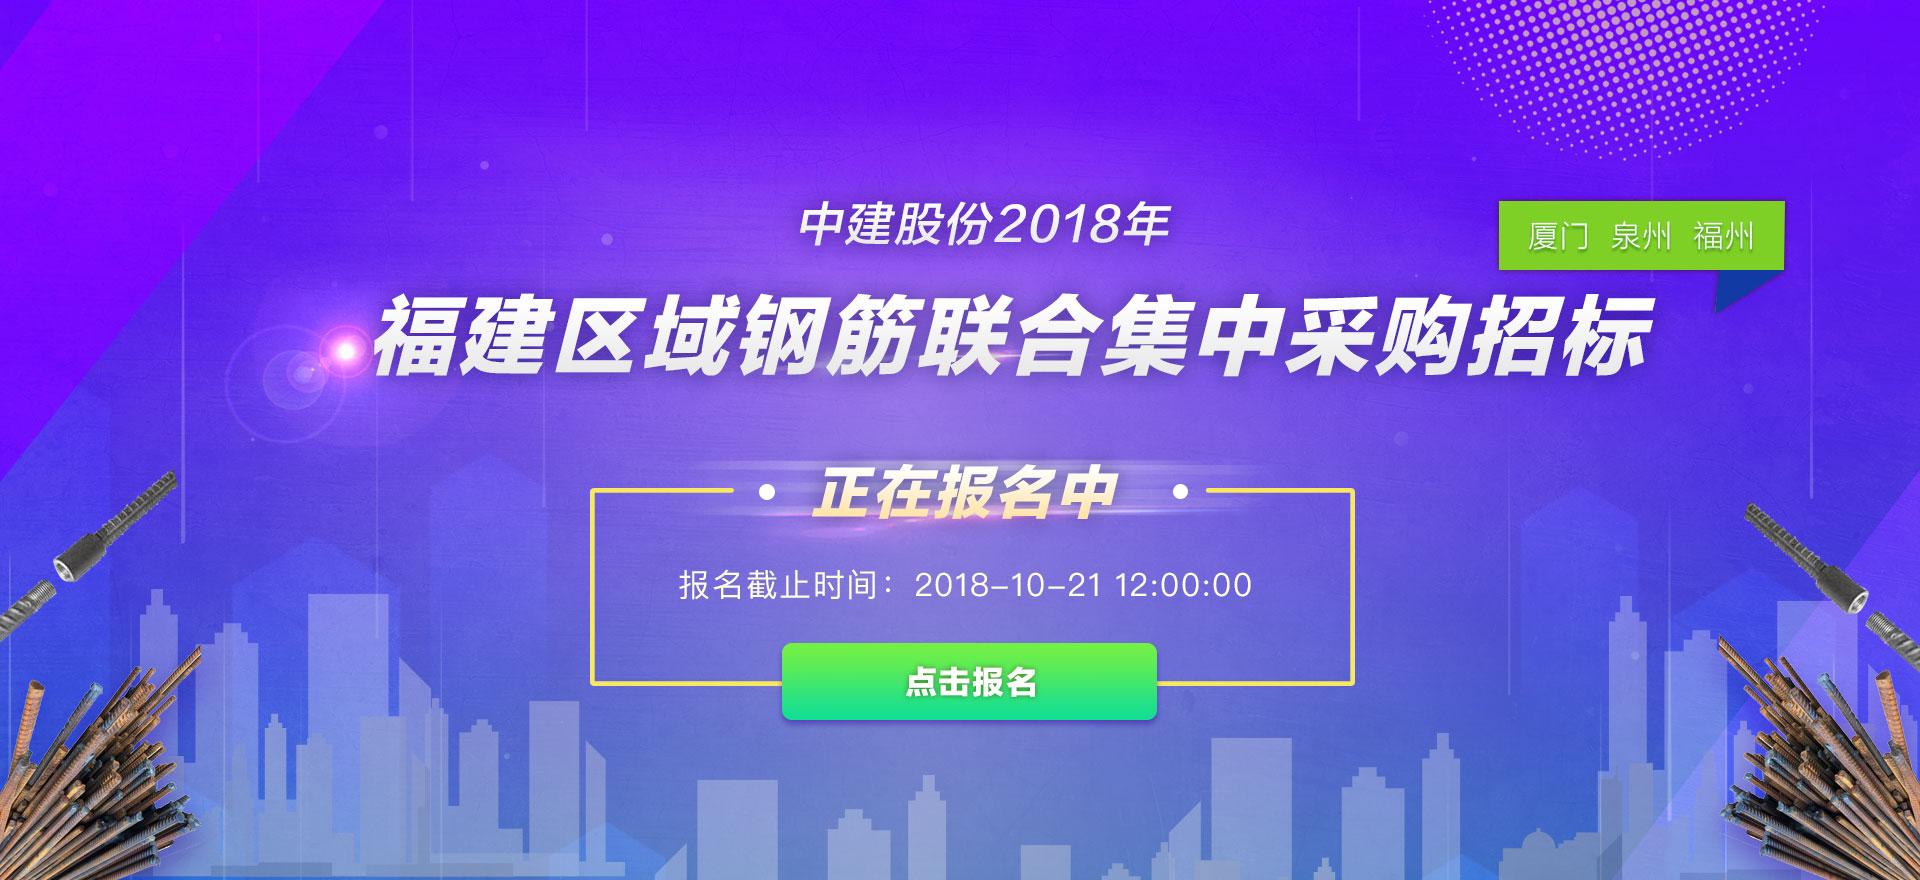 中建股份2018年福建区域钢筋联合集中采购招标